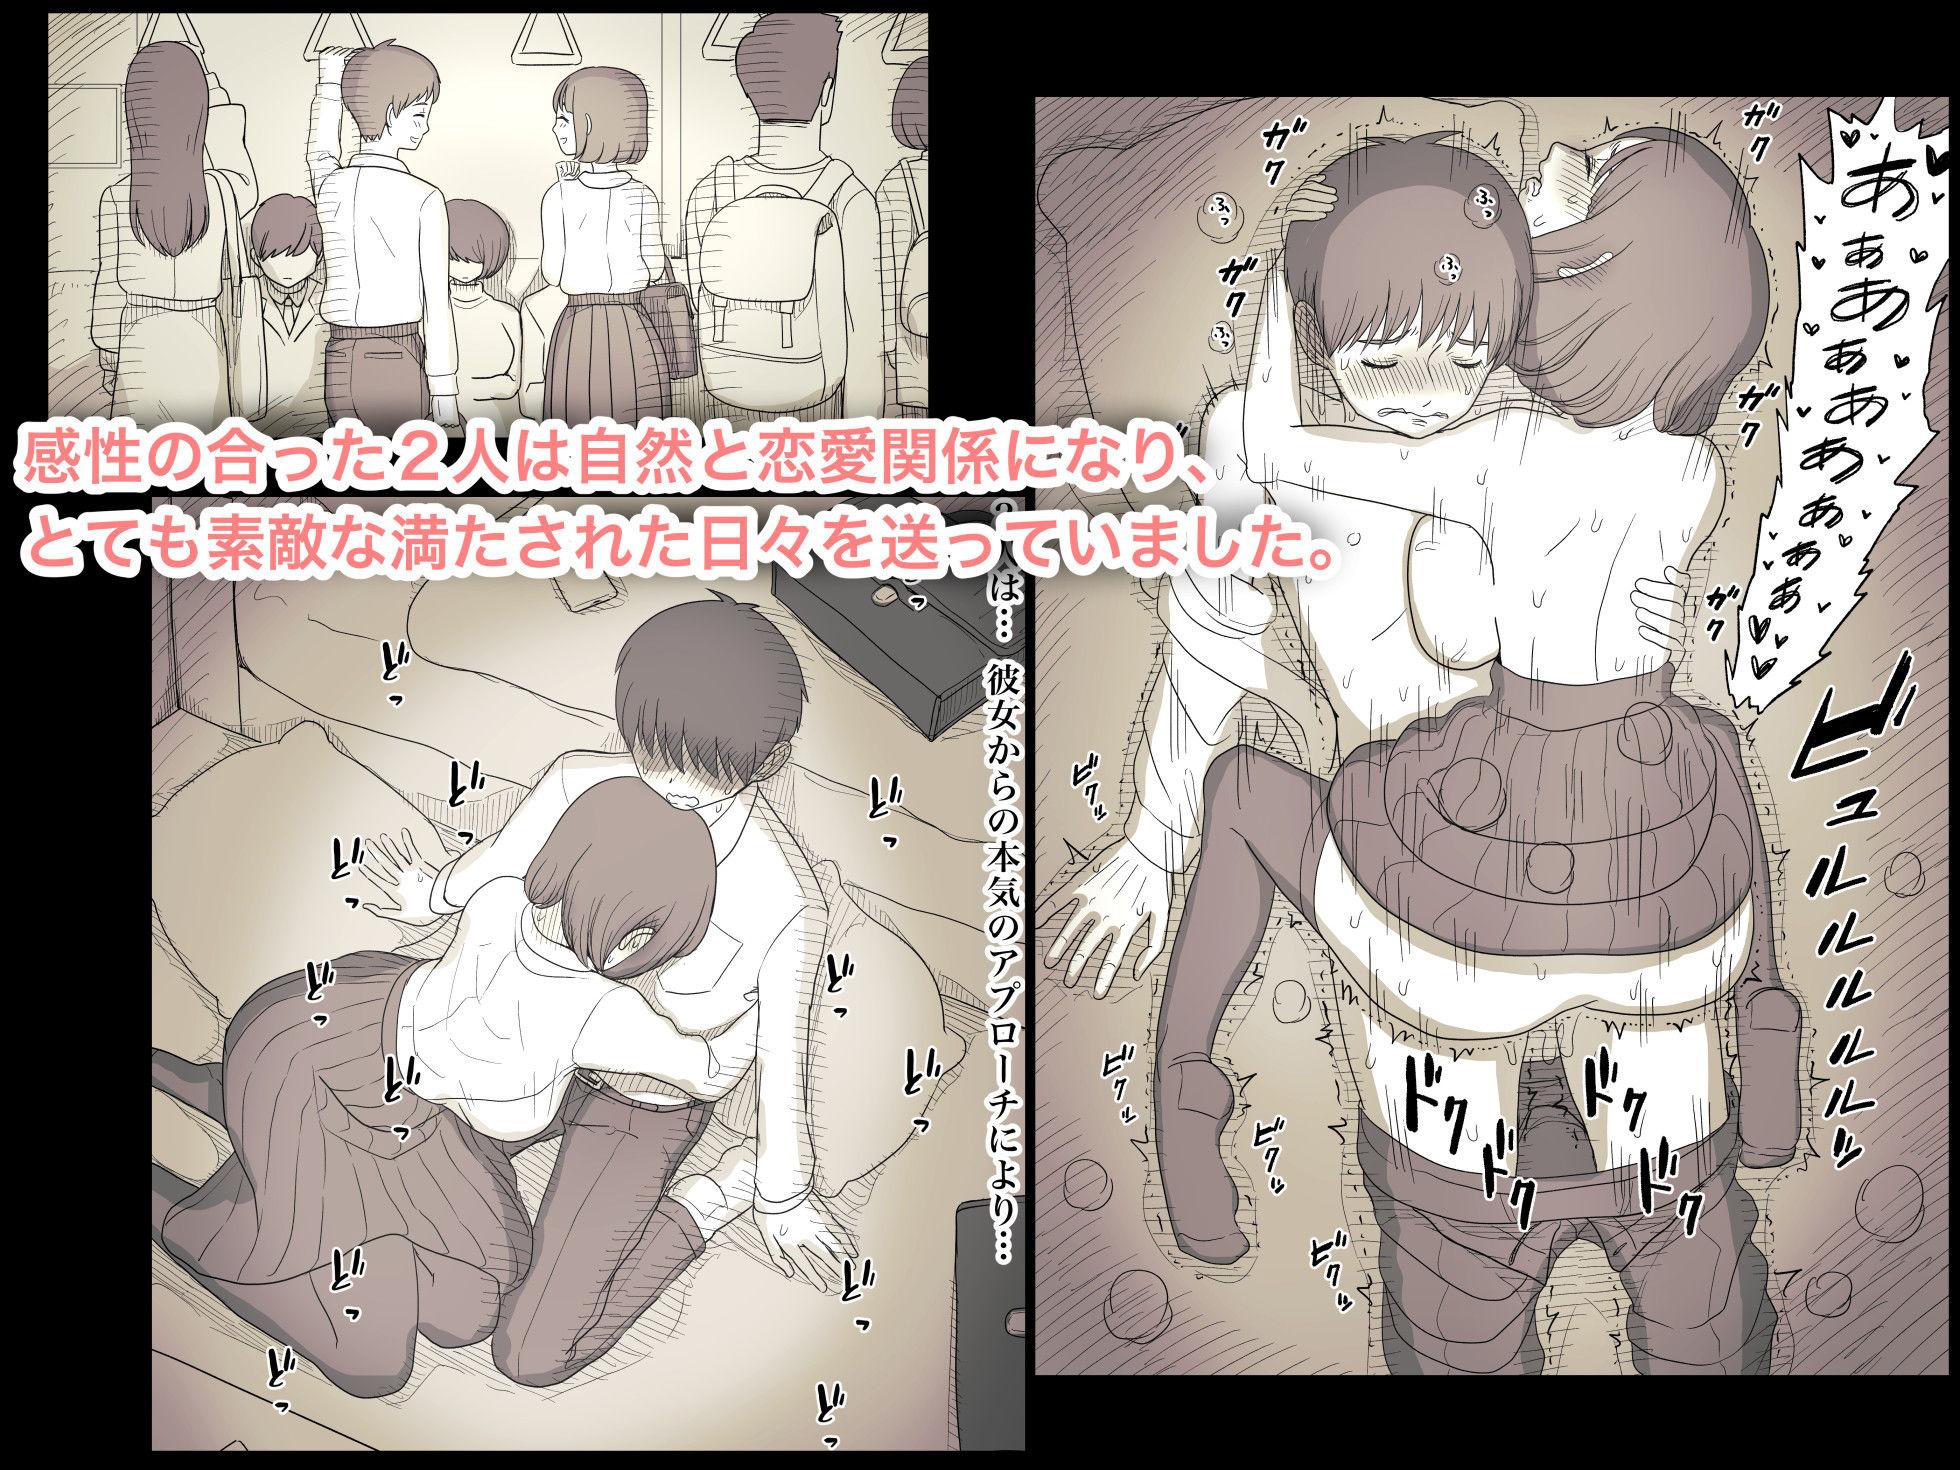 【エロ漫画・同人コミック】隠れM女子の草食系な彼氏をハードプレイでS化させる育成物語【ひまわりのたね】#1